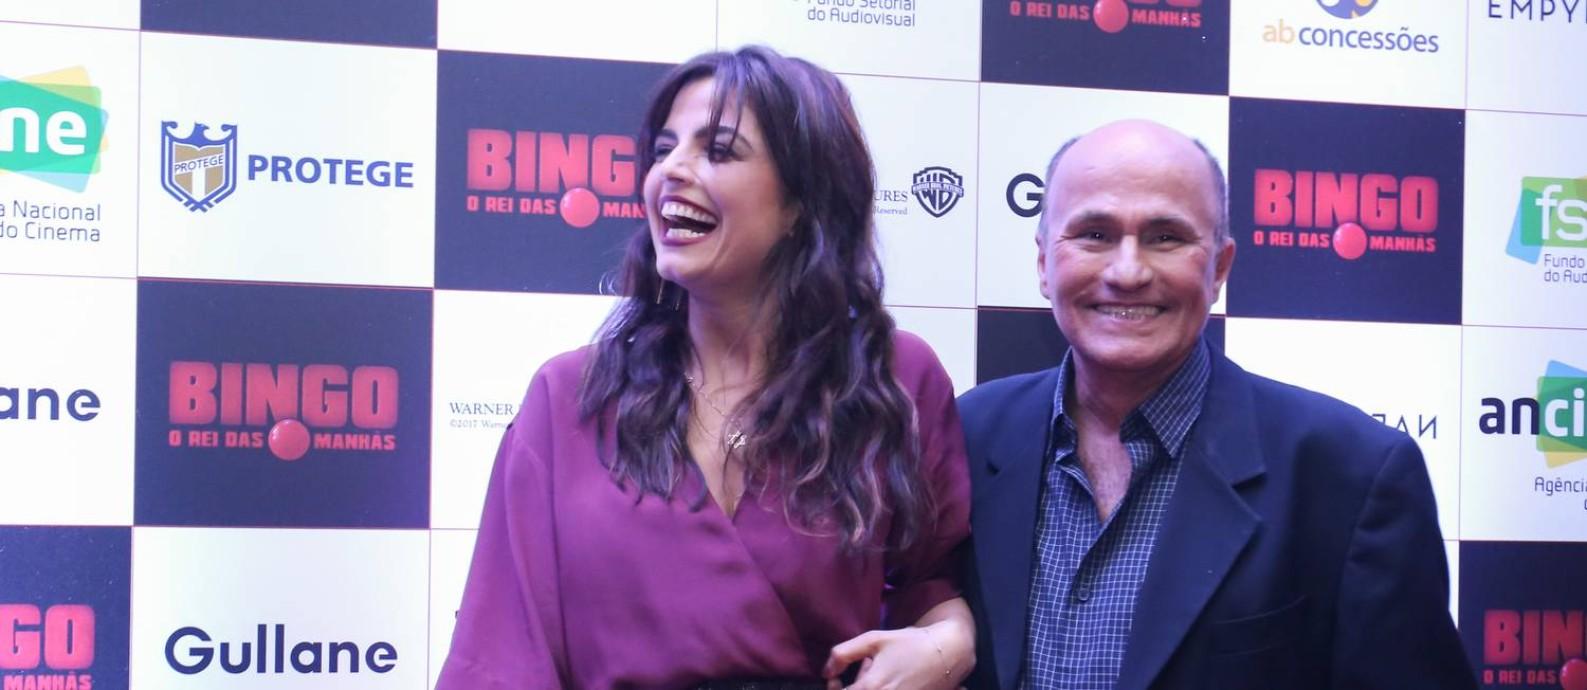 Emanuelle Araújo e Arlindo Barreto na pré-estreia de 'Bingo – O rei das manhãs' Foto: Rogerio Resende / R2Foto